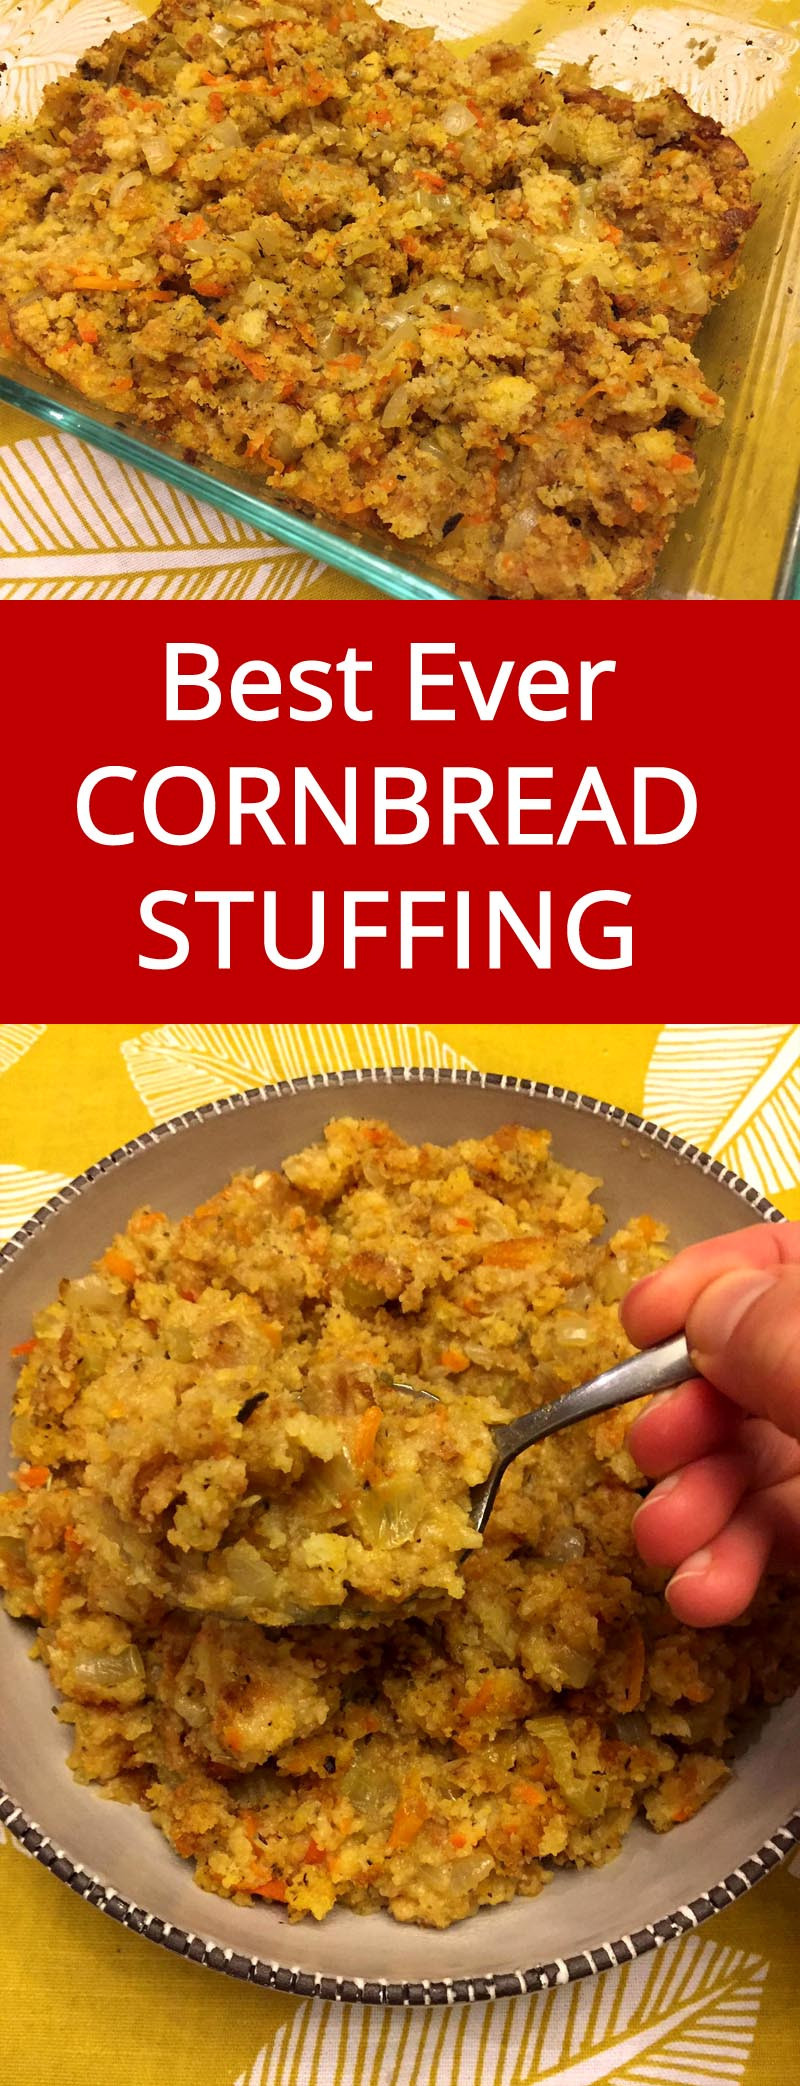 Easy Cornbread Dressing  Easy Cornbread Stuffing – Best Ever Dressing Recipe For